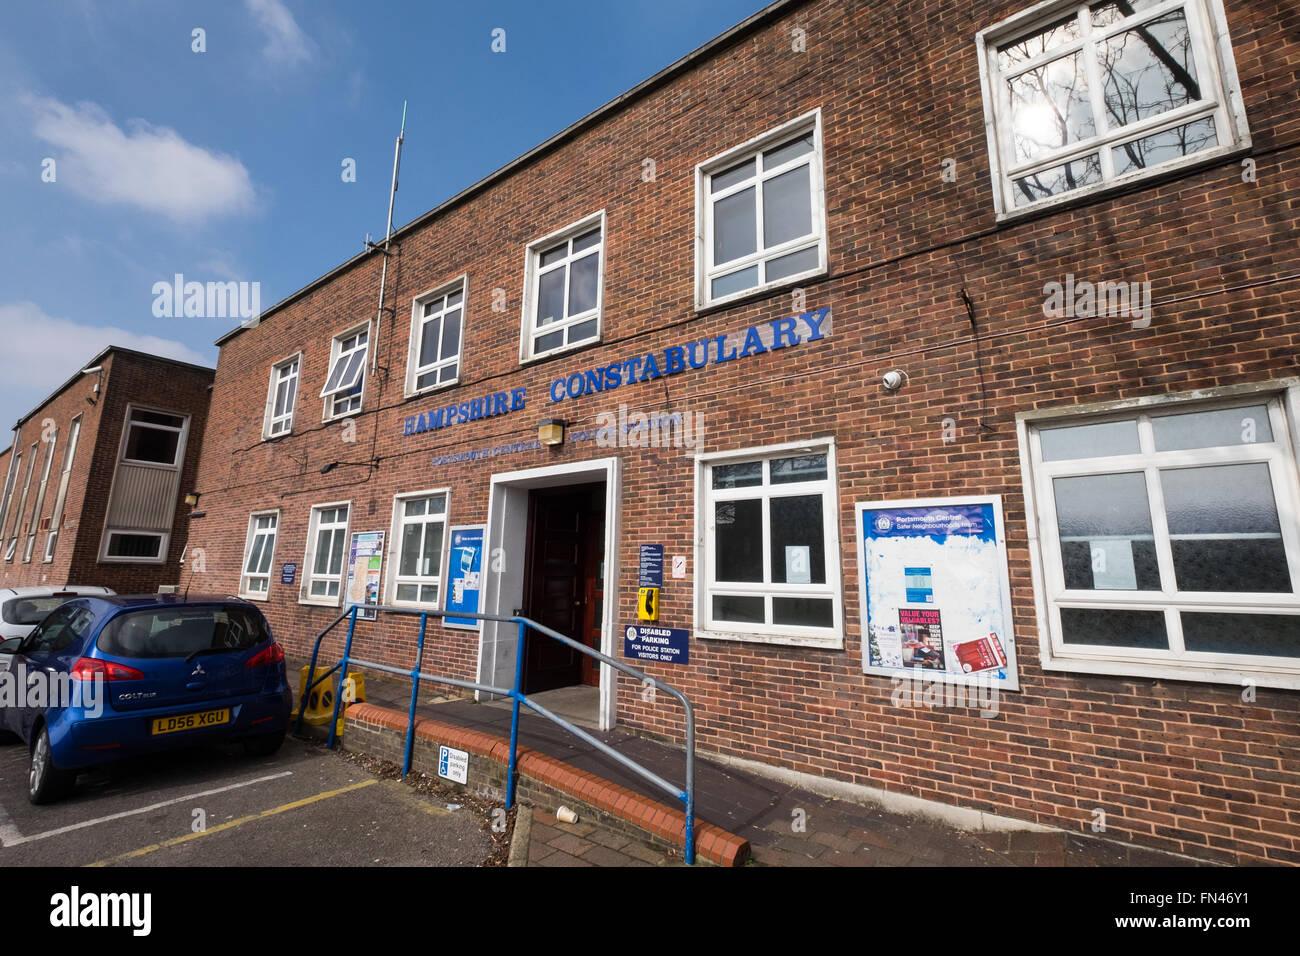 Portsmouth stazione centrale di polizia, Portsmouth, Hampshire, Regno Unito Immagini Stock